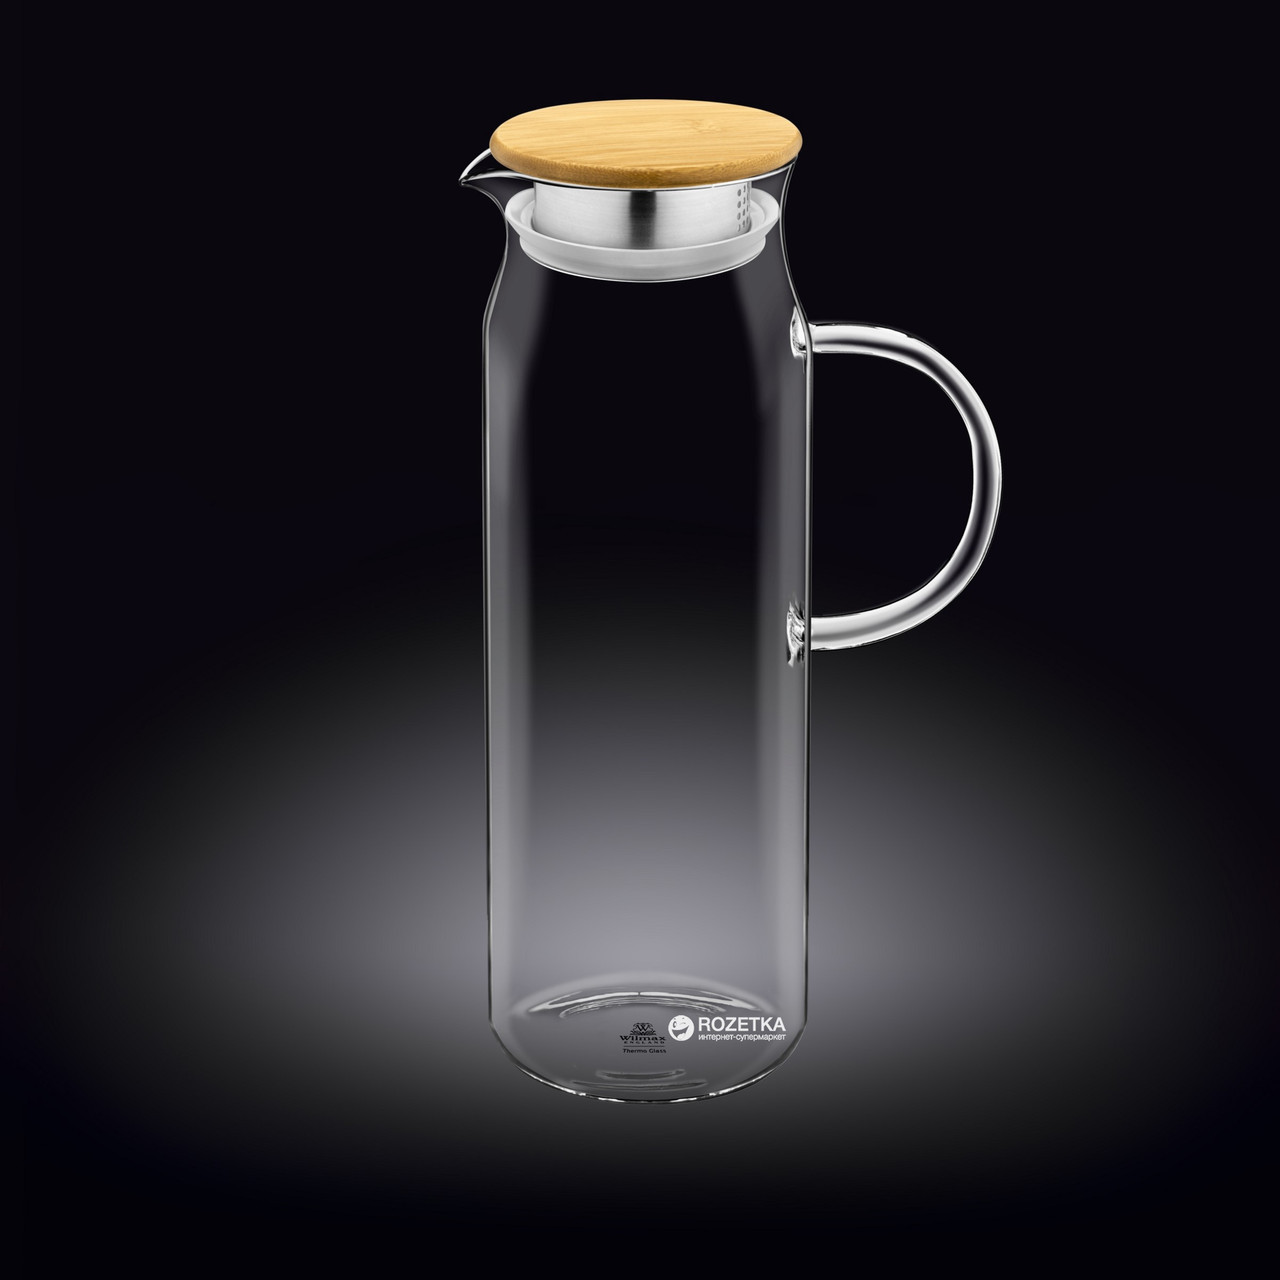 Кувшин Wilmax с крышкой 1,5л стекло (888208 WL)